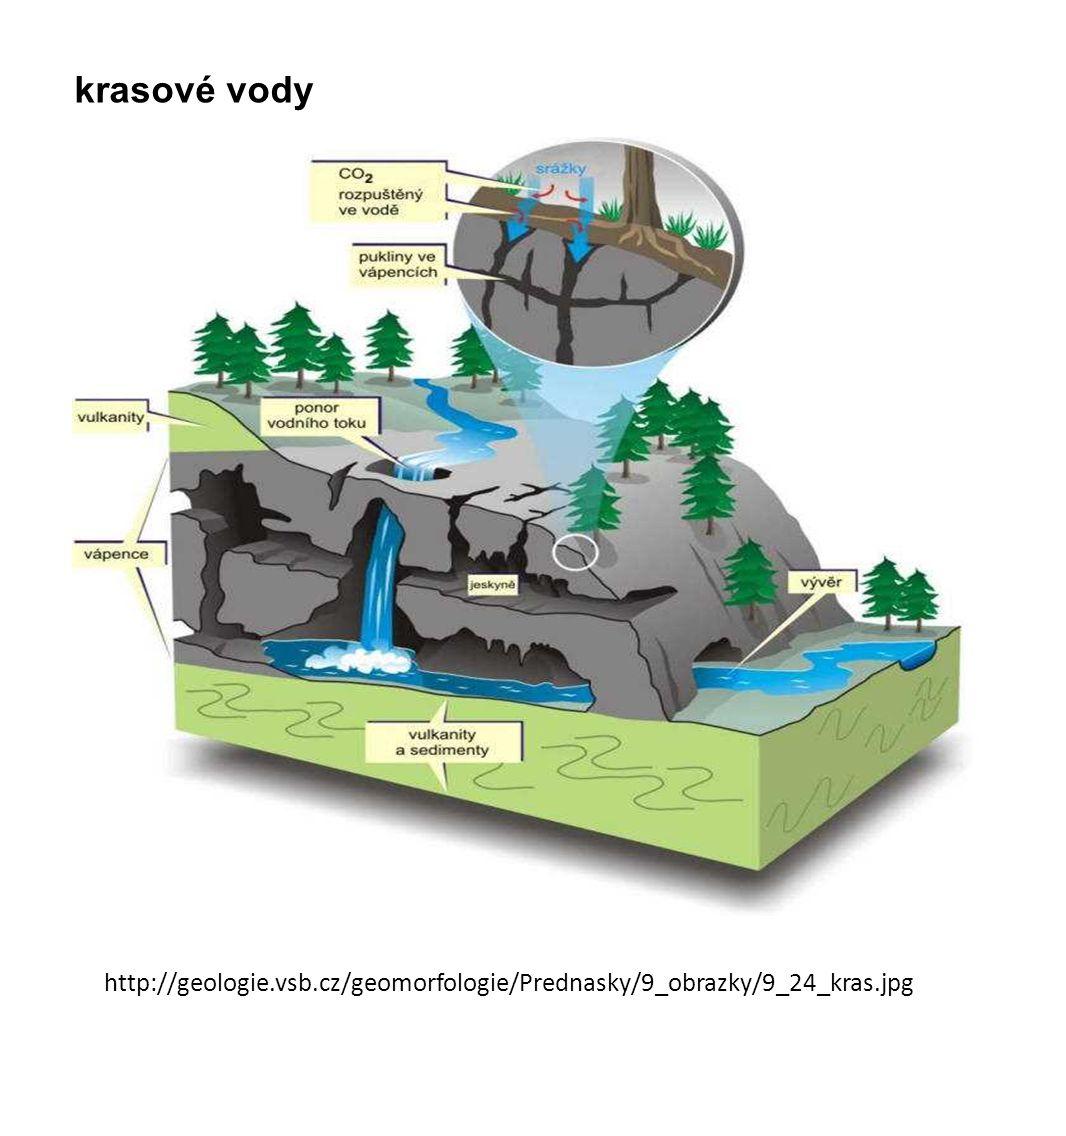 http://geologie.vsb.cz/geomorfologie/Prednasky/9_obrazky/9_24_kras.jpg krasové vody